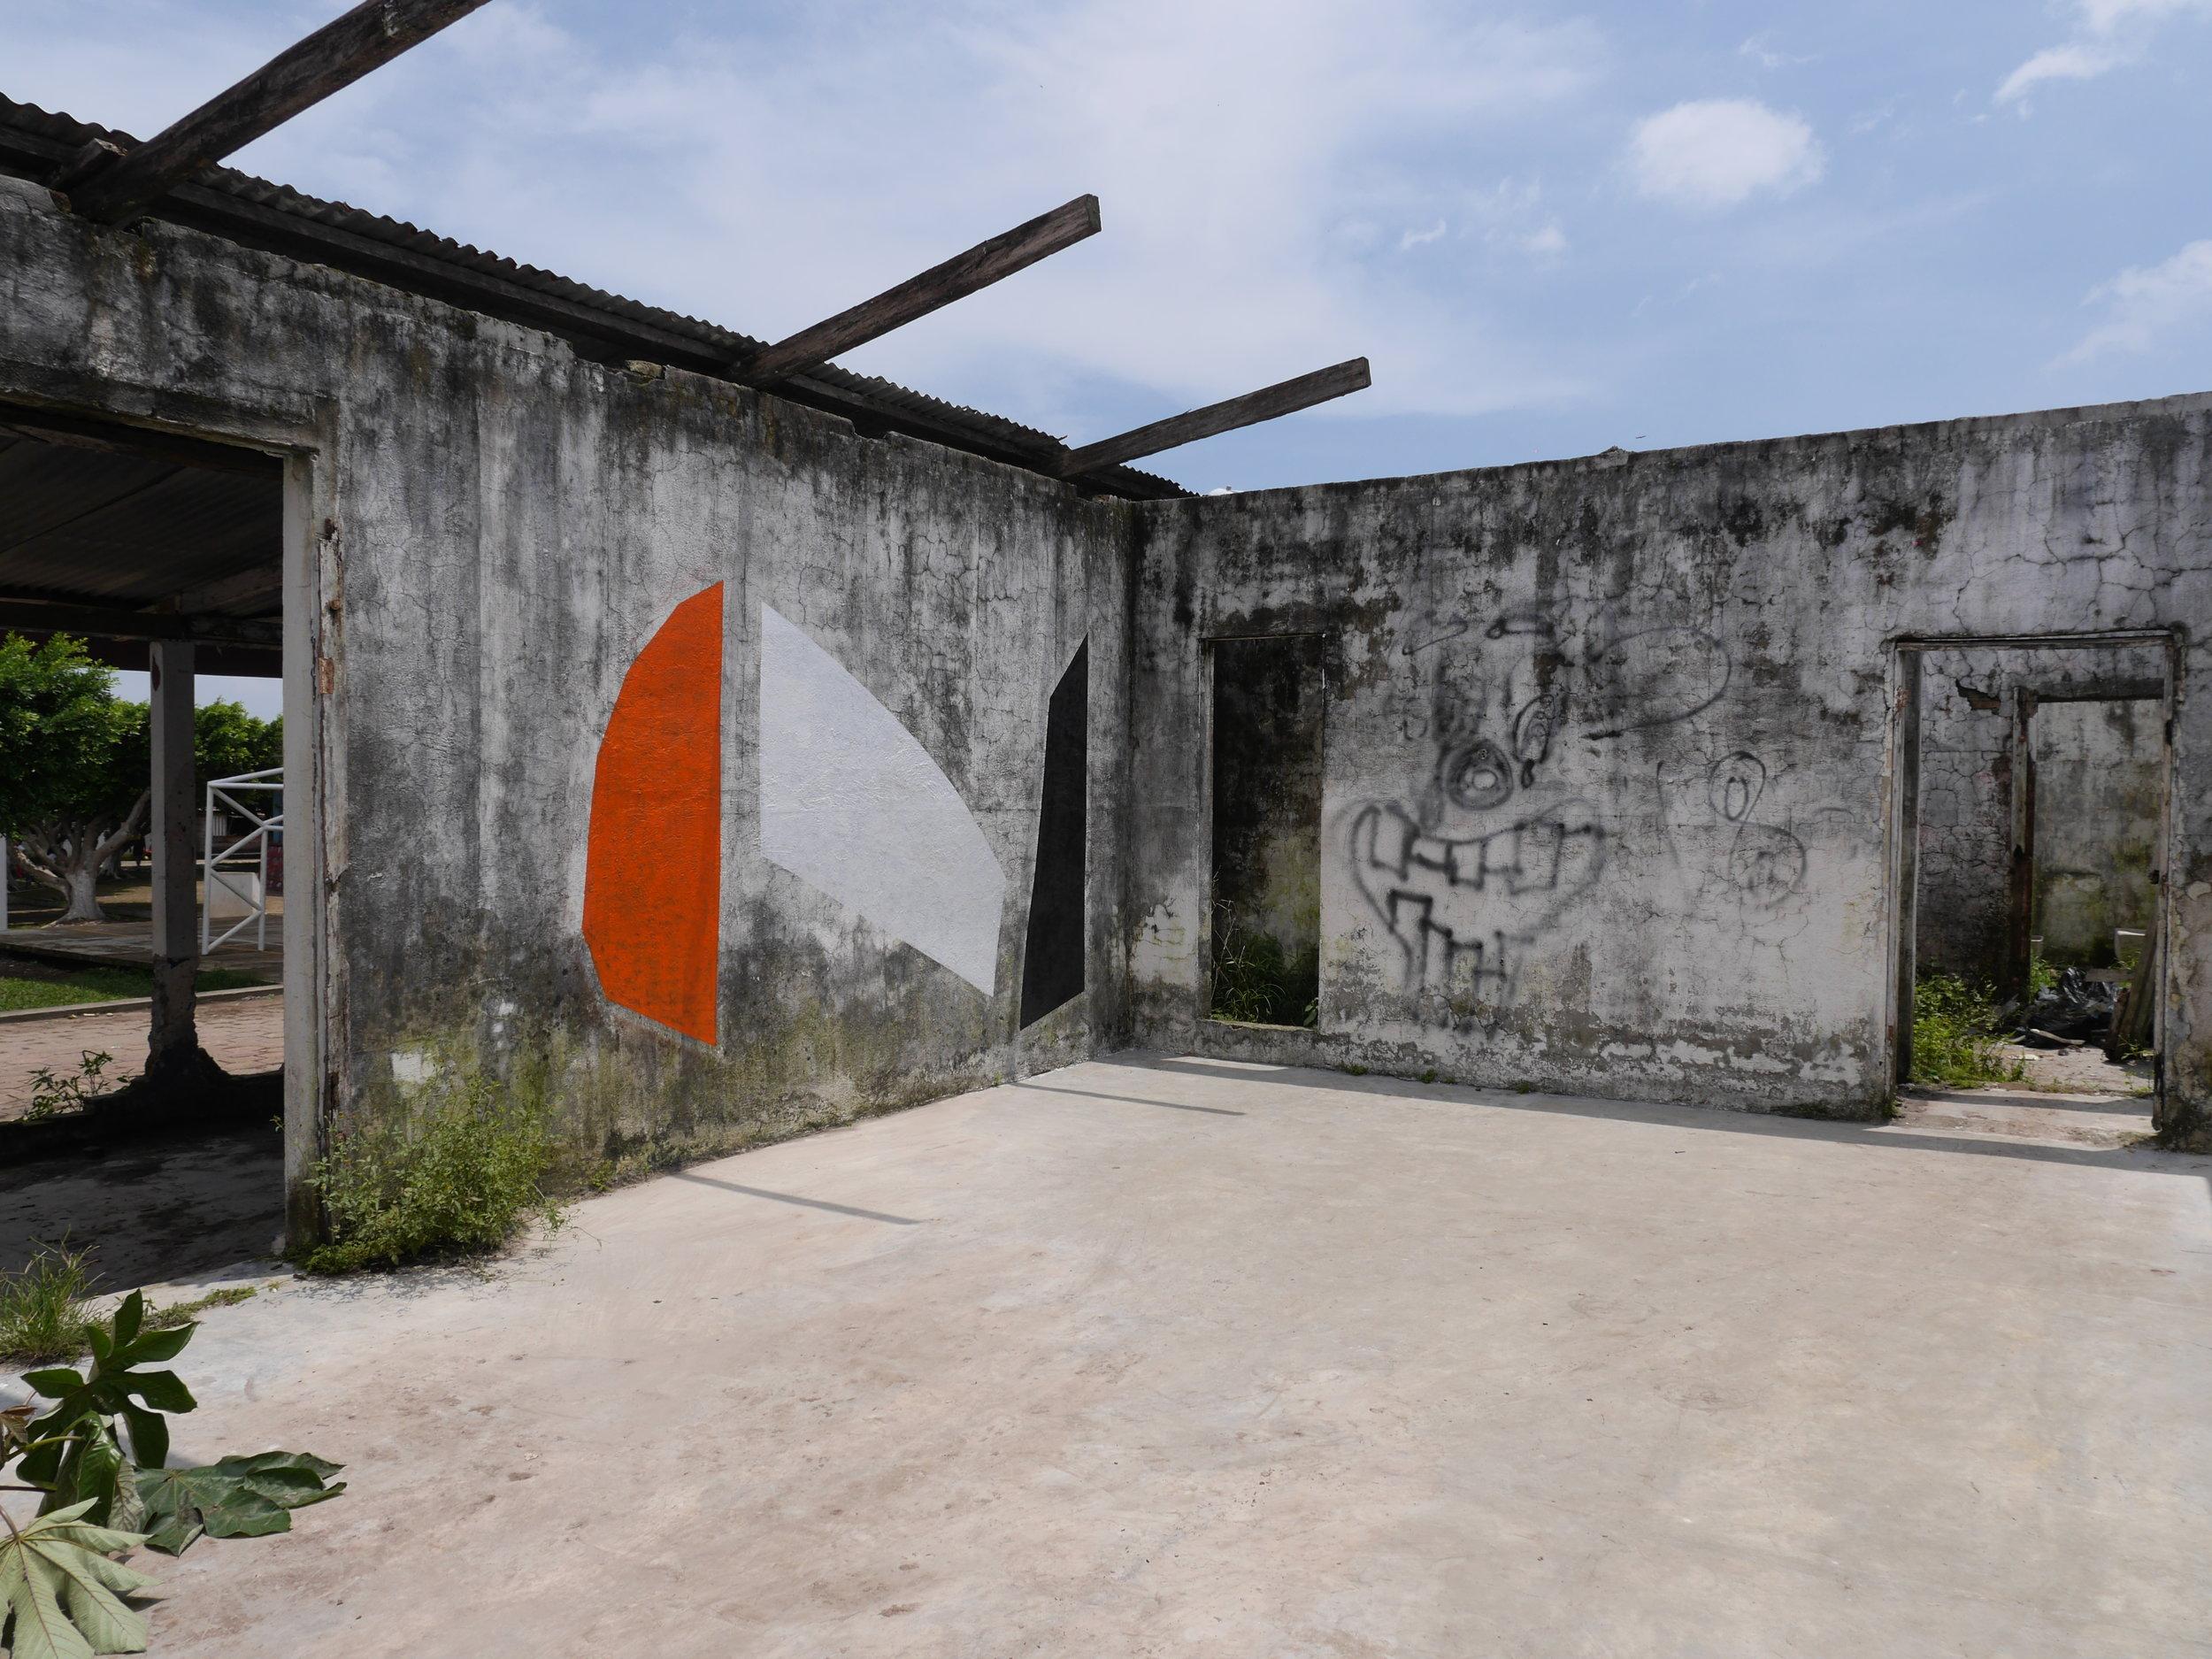 Painting in Chiapas